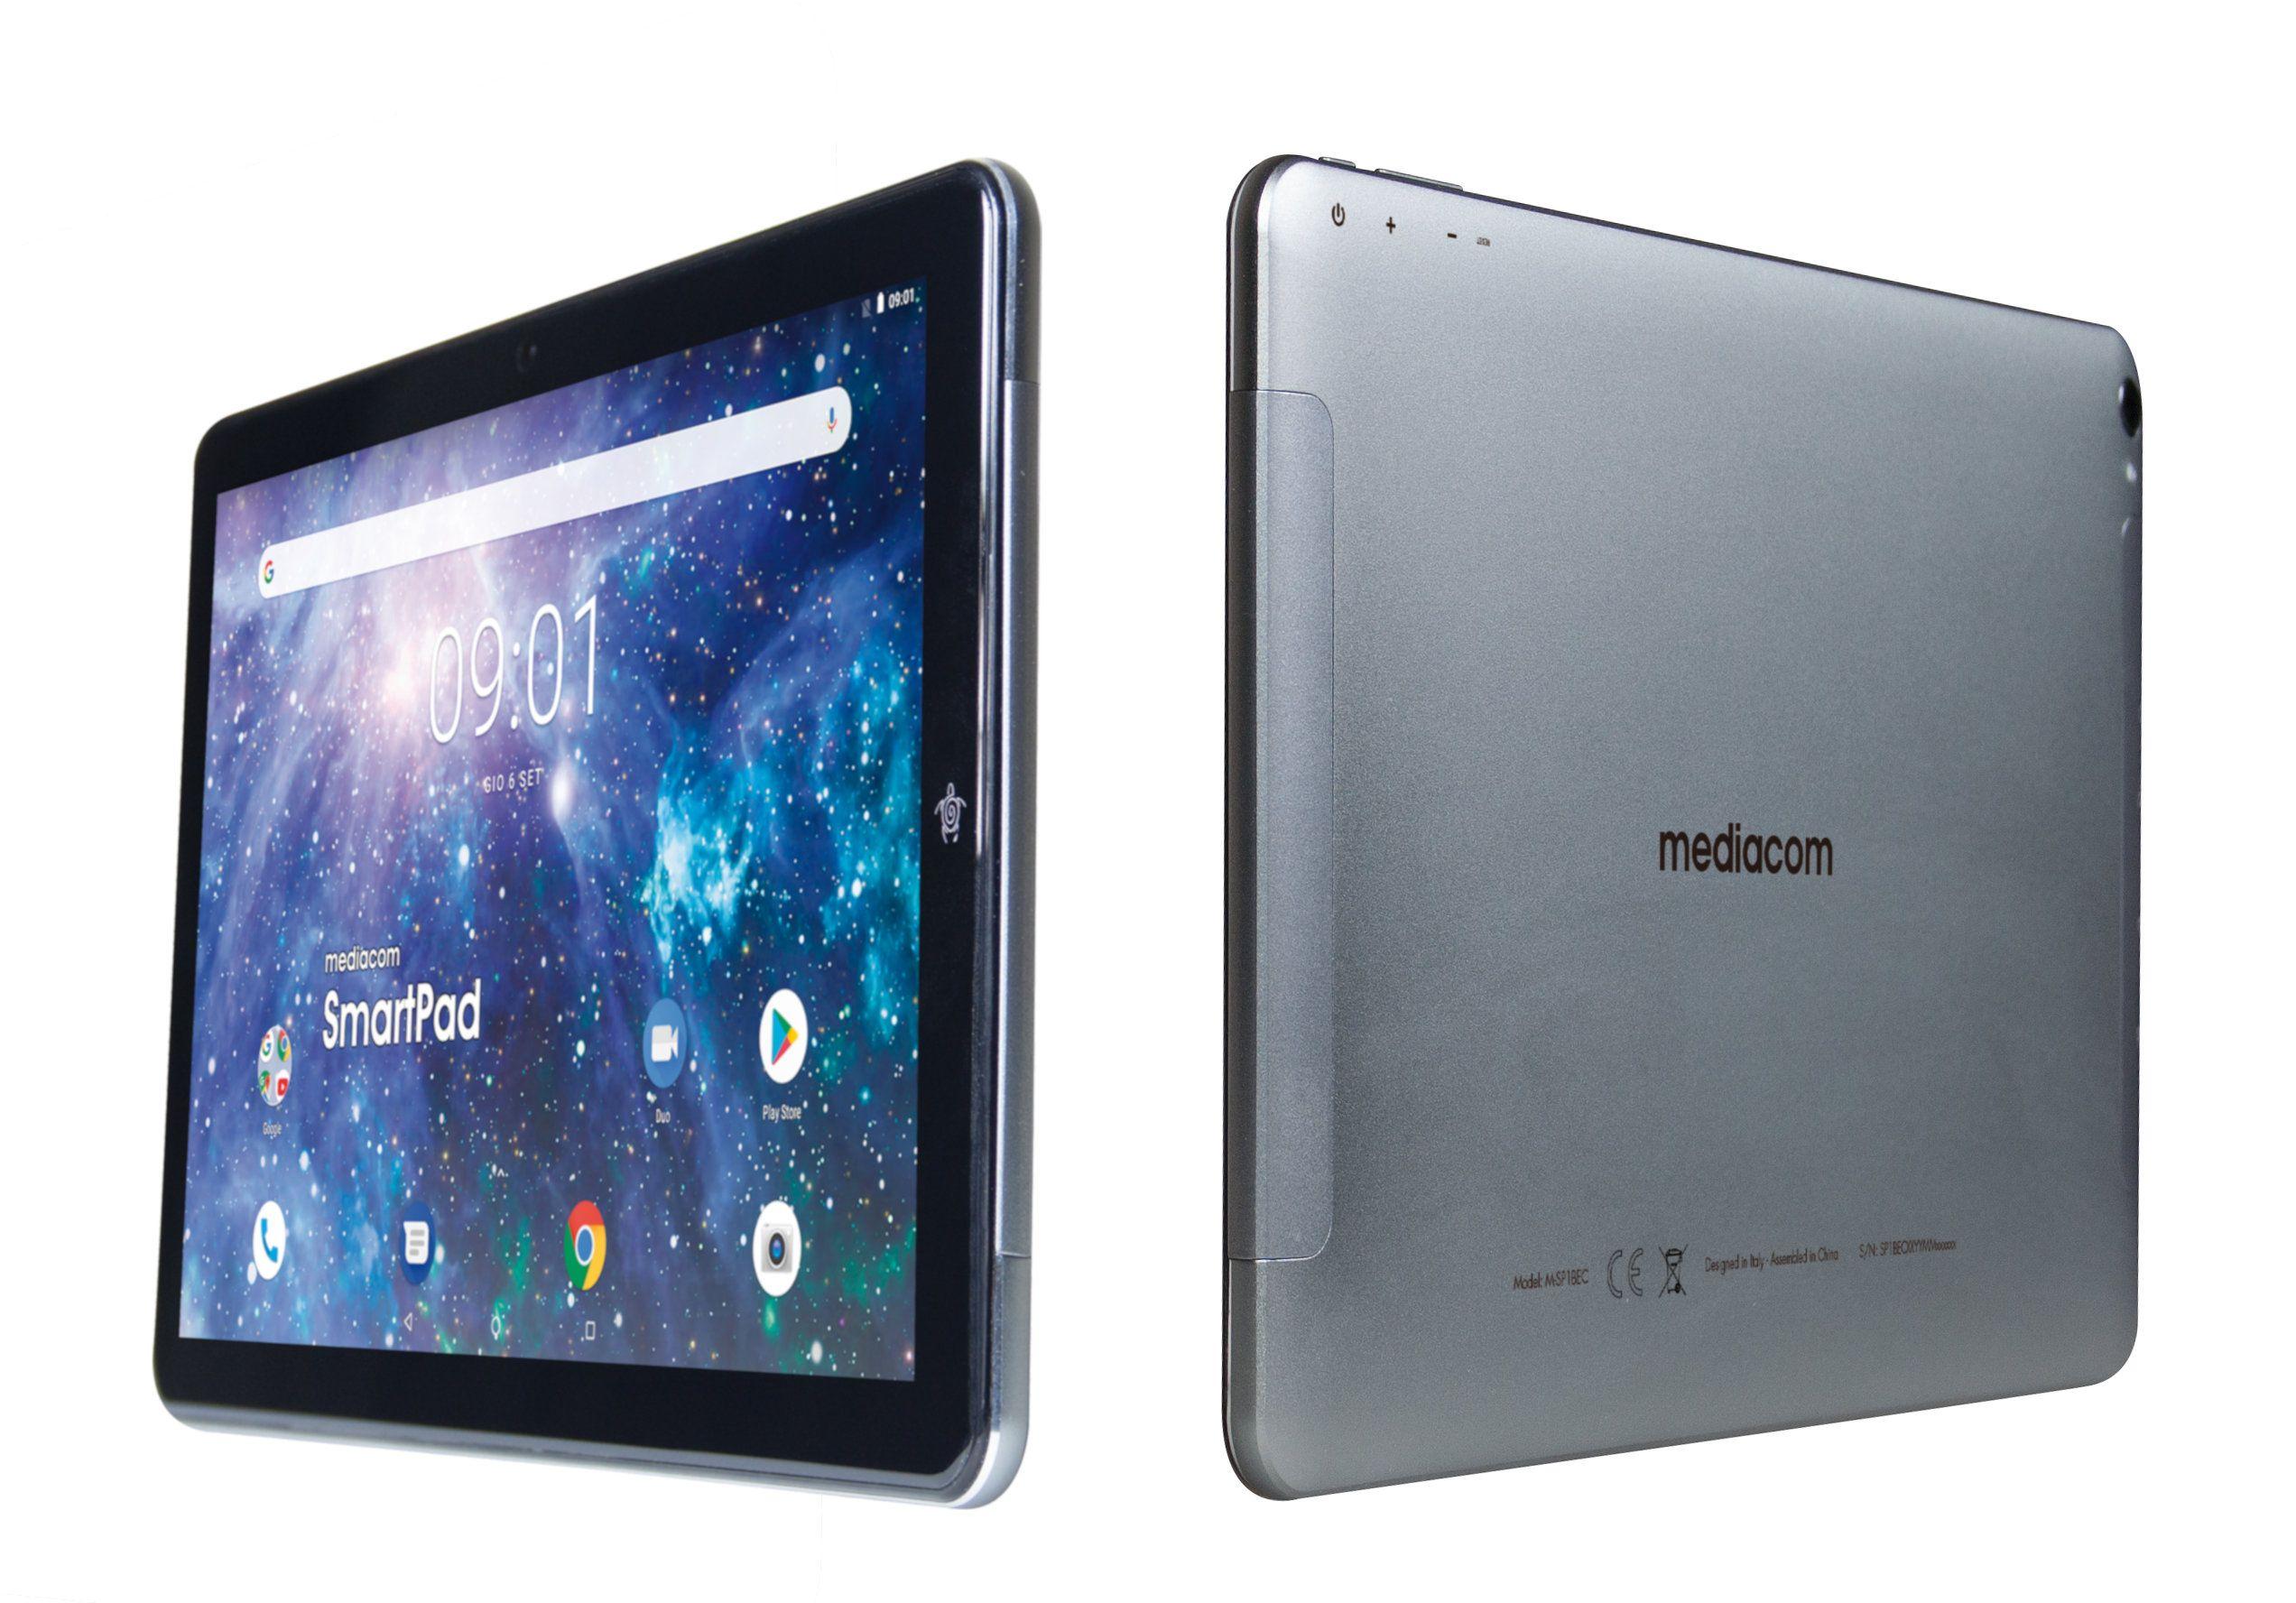 Mediacom annuncia il nuovo SmartPad Eclipse 2